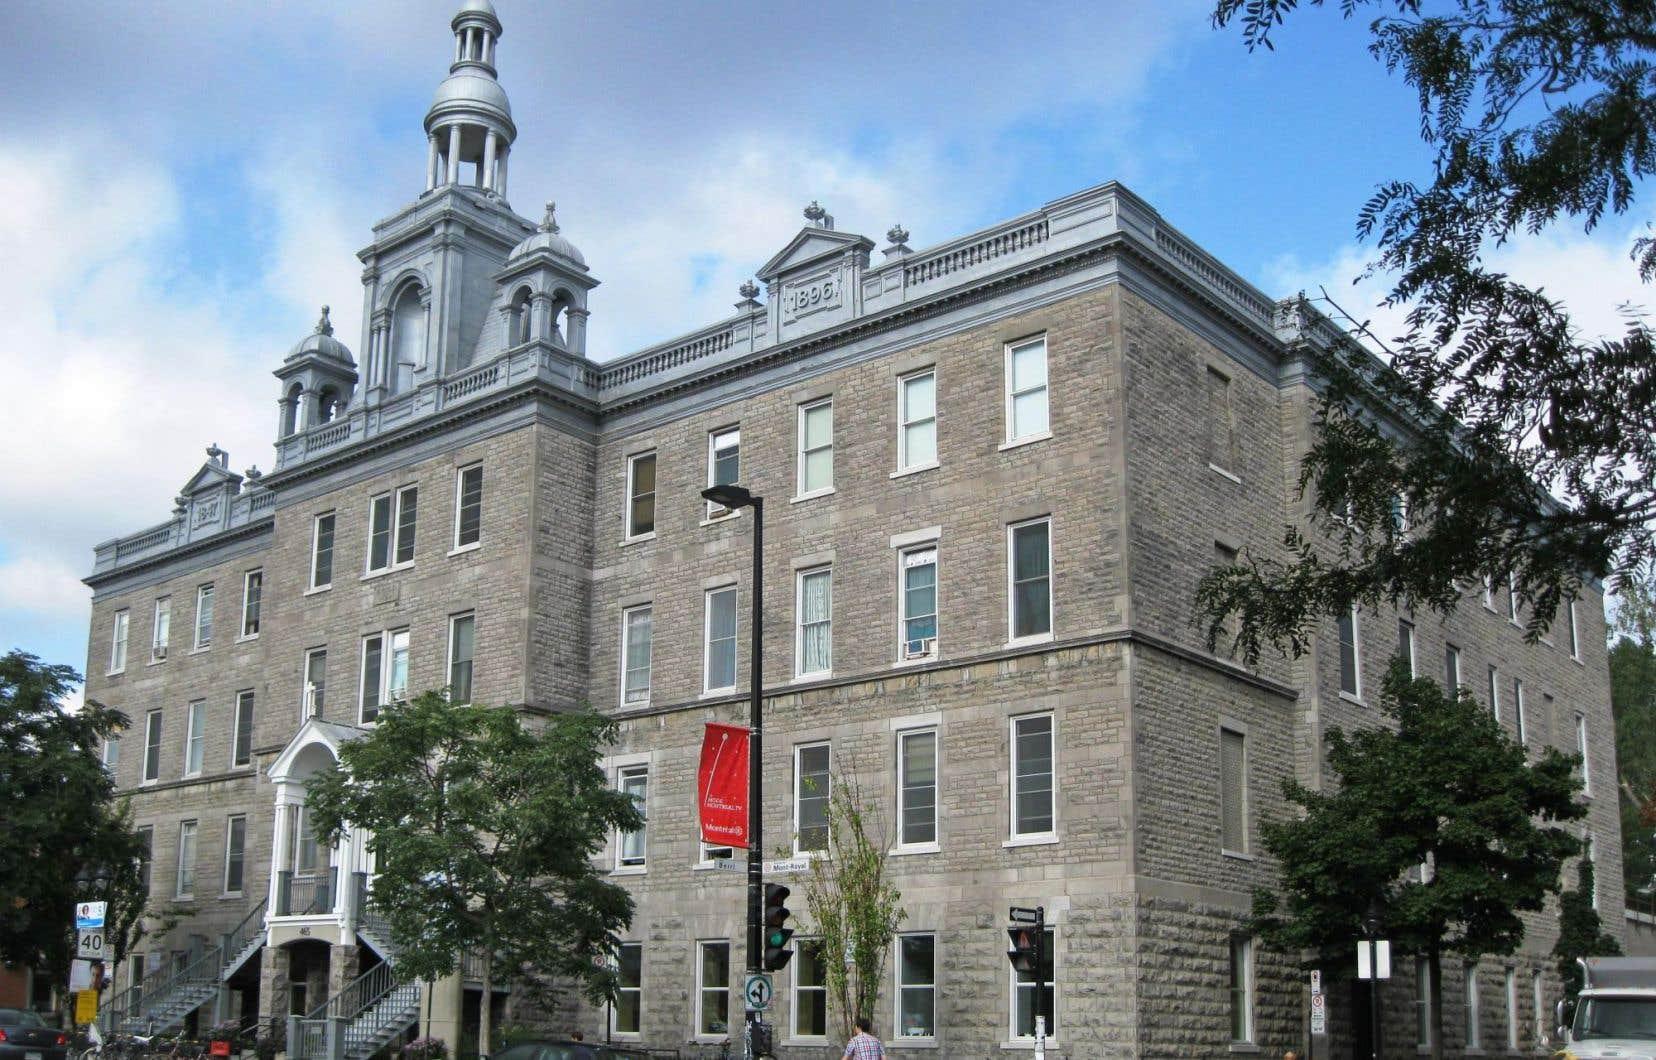 La bibliothèque actuelle, sur l'avenue Mont-Royal, ne suffit plus à la demande depuis des années. C'est également le cas de la Maison de la culture du Plateau-Mont-Royal, sise à la même adresse.